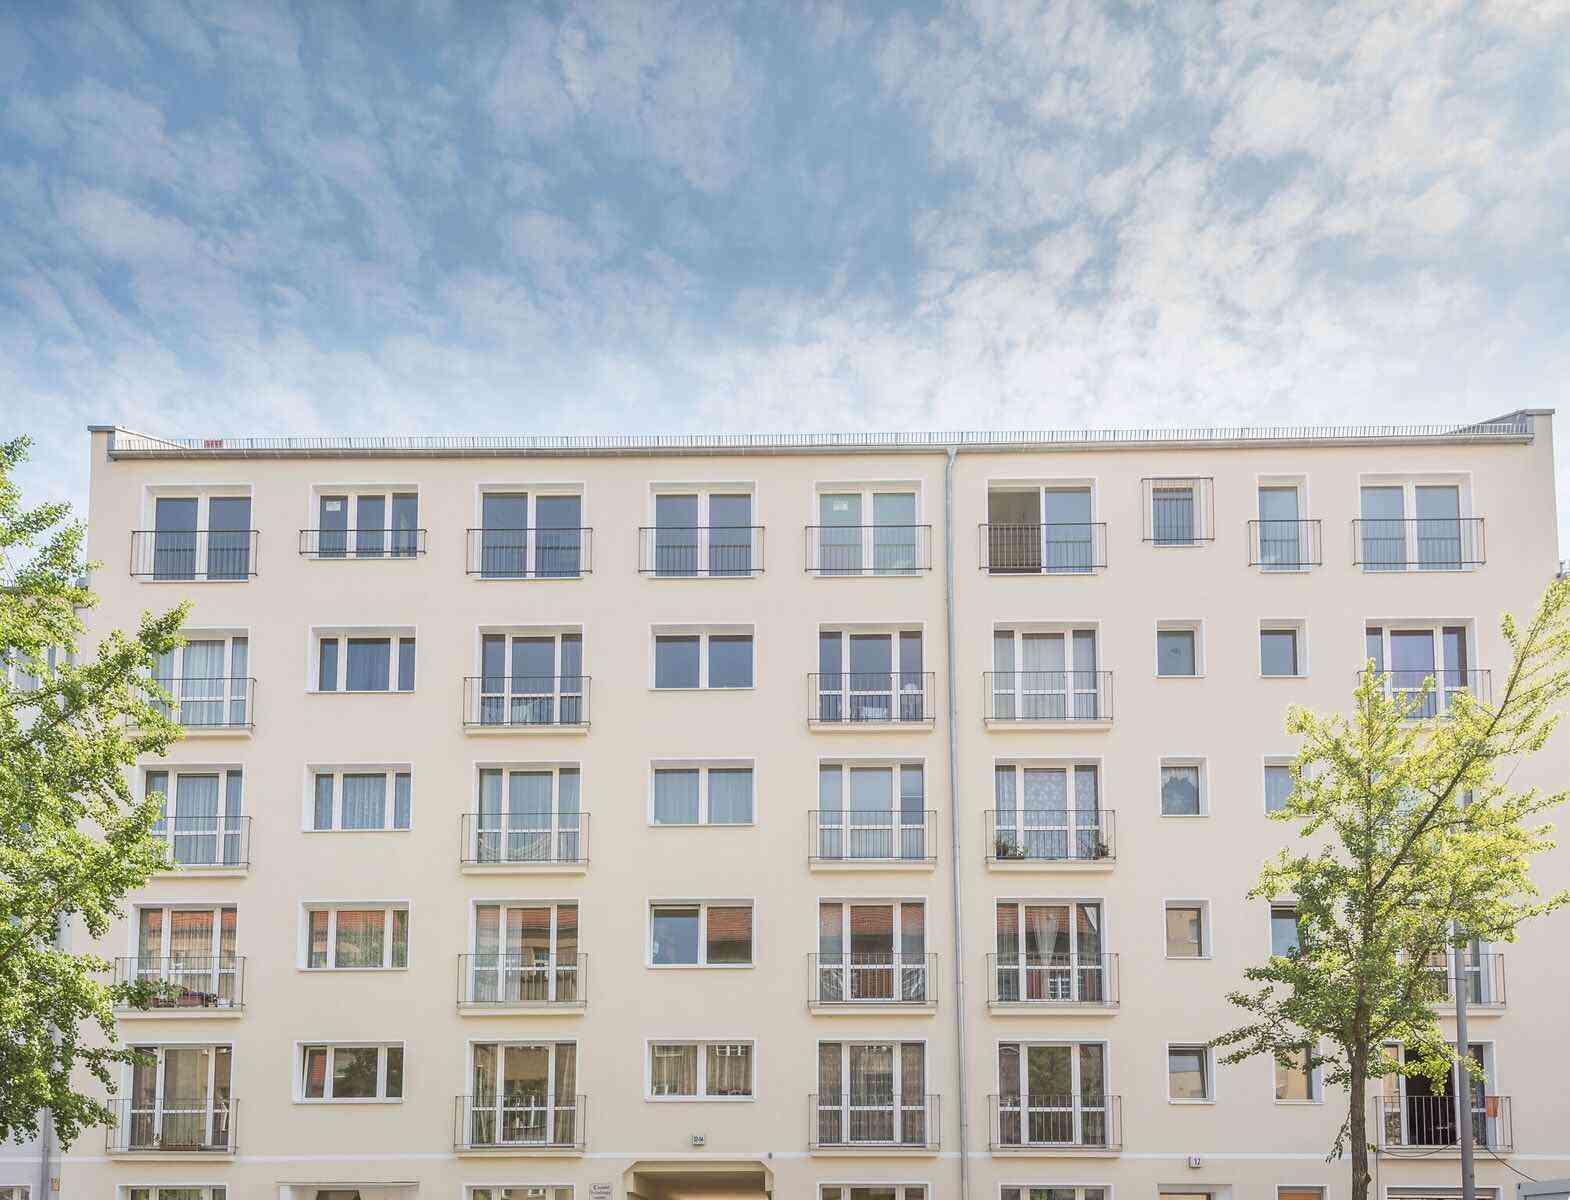 3 pi ces duplex en construction sous les combles avec terrasse appartement - Acheter appartement berlin ...